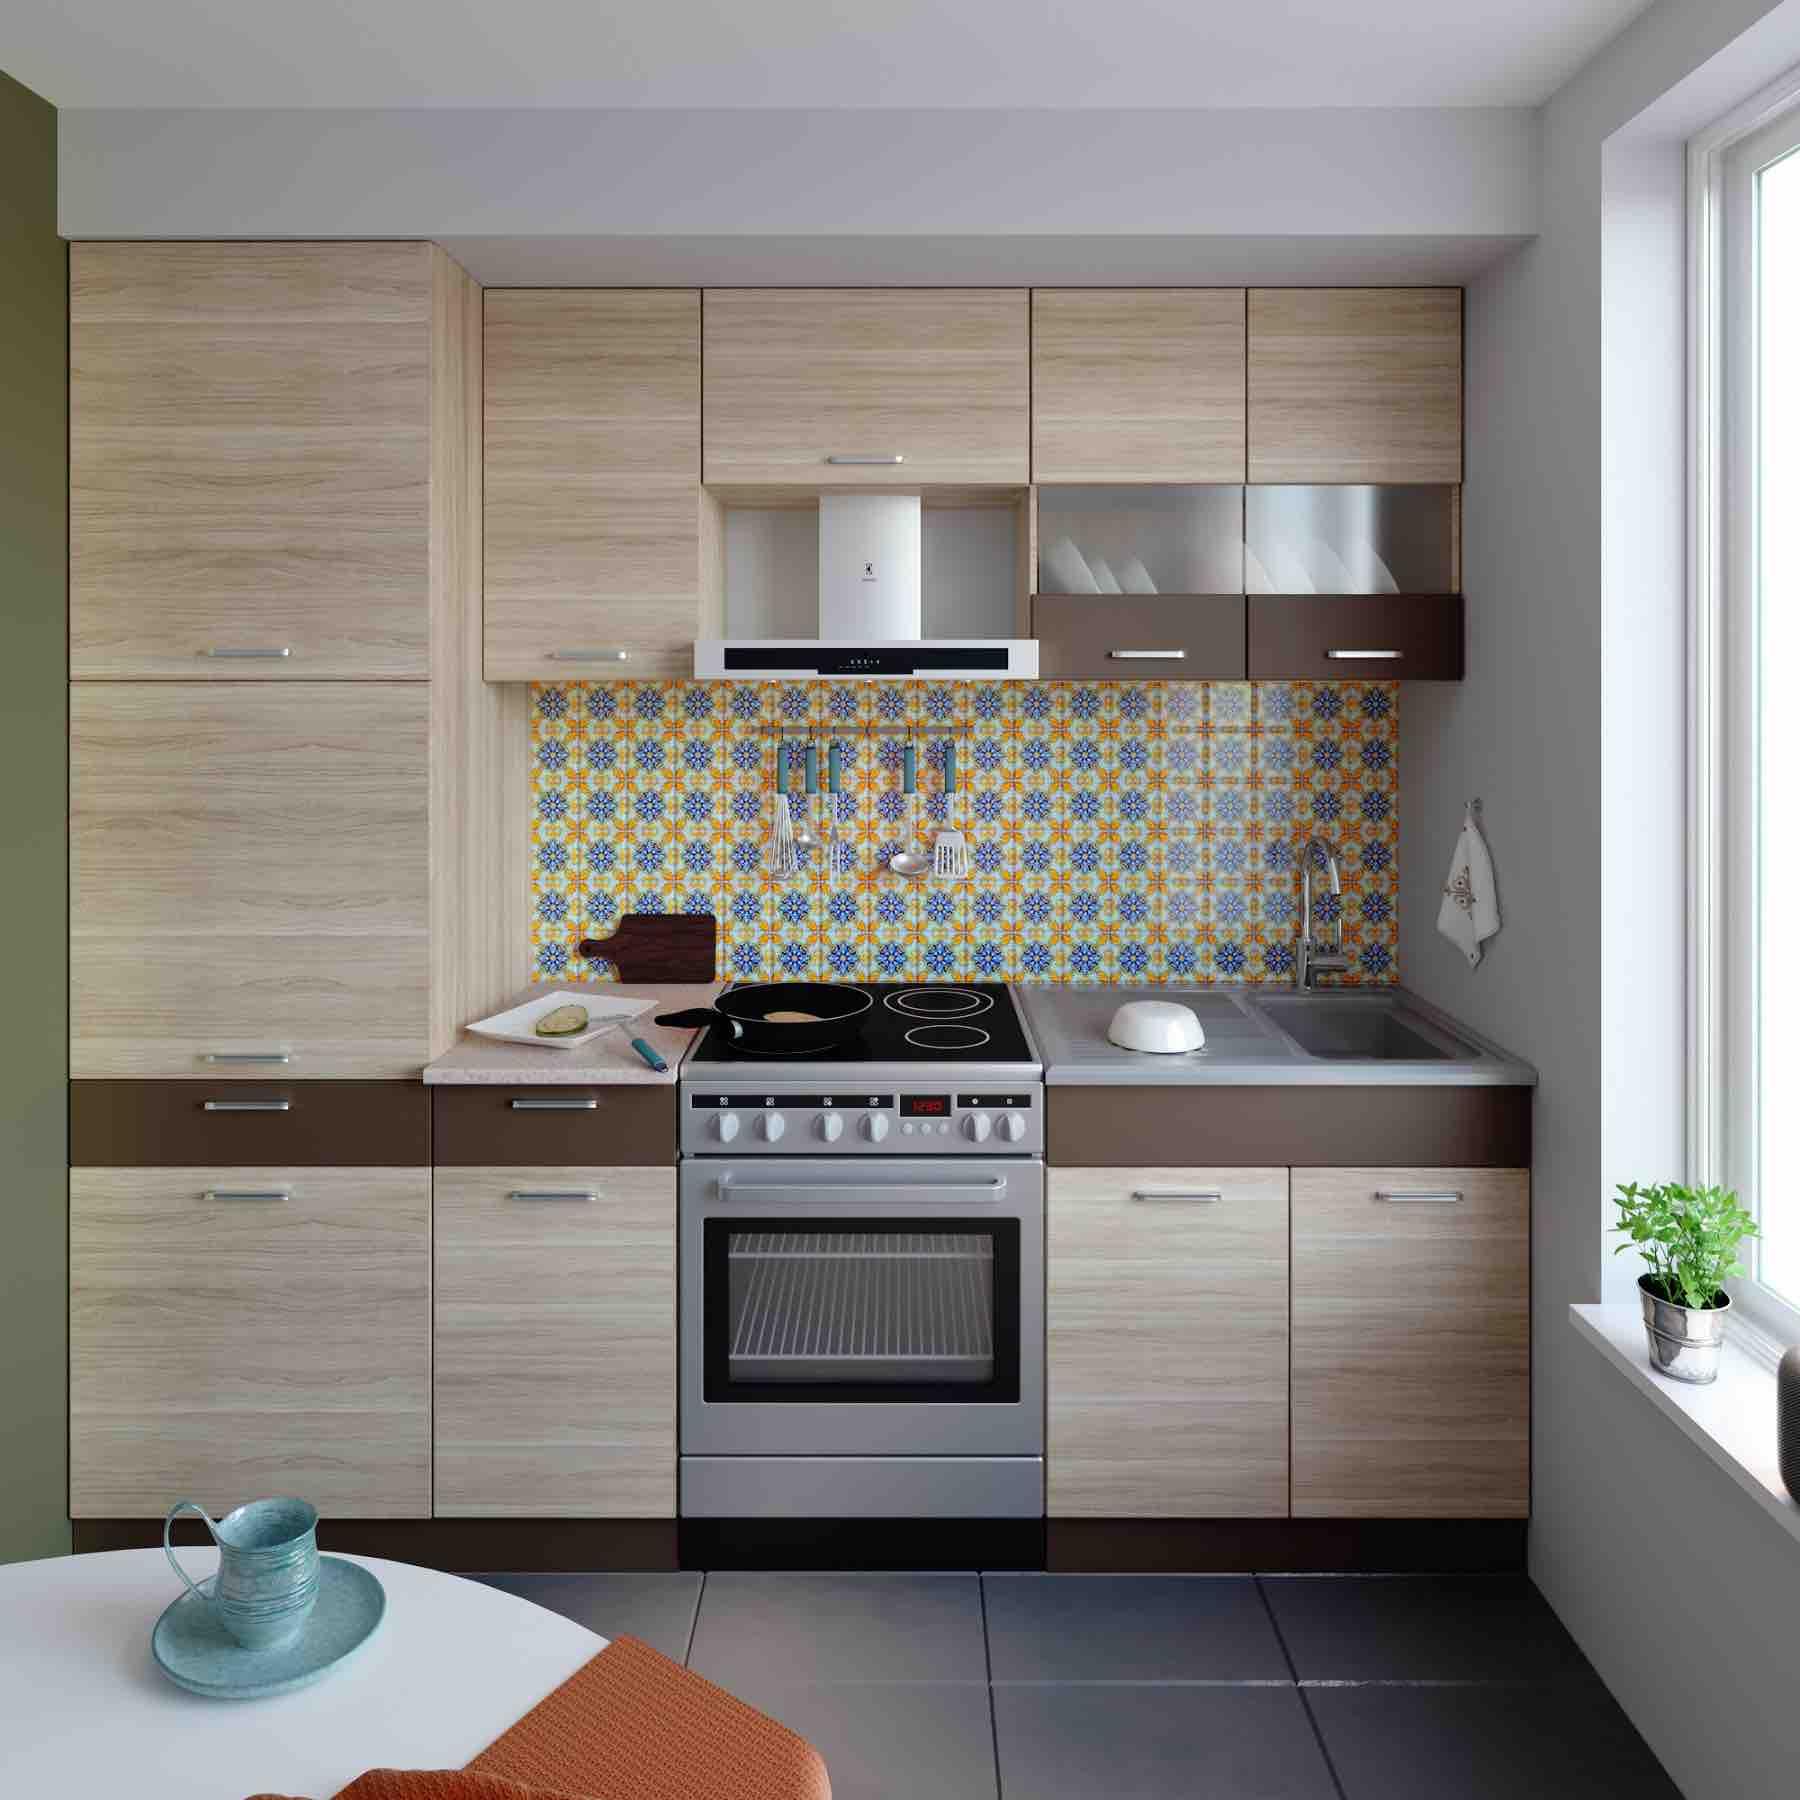 k che alina h 240 cm m bel dena. Black Bedroom Furniture Sets. Home Design Ideas